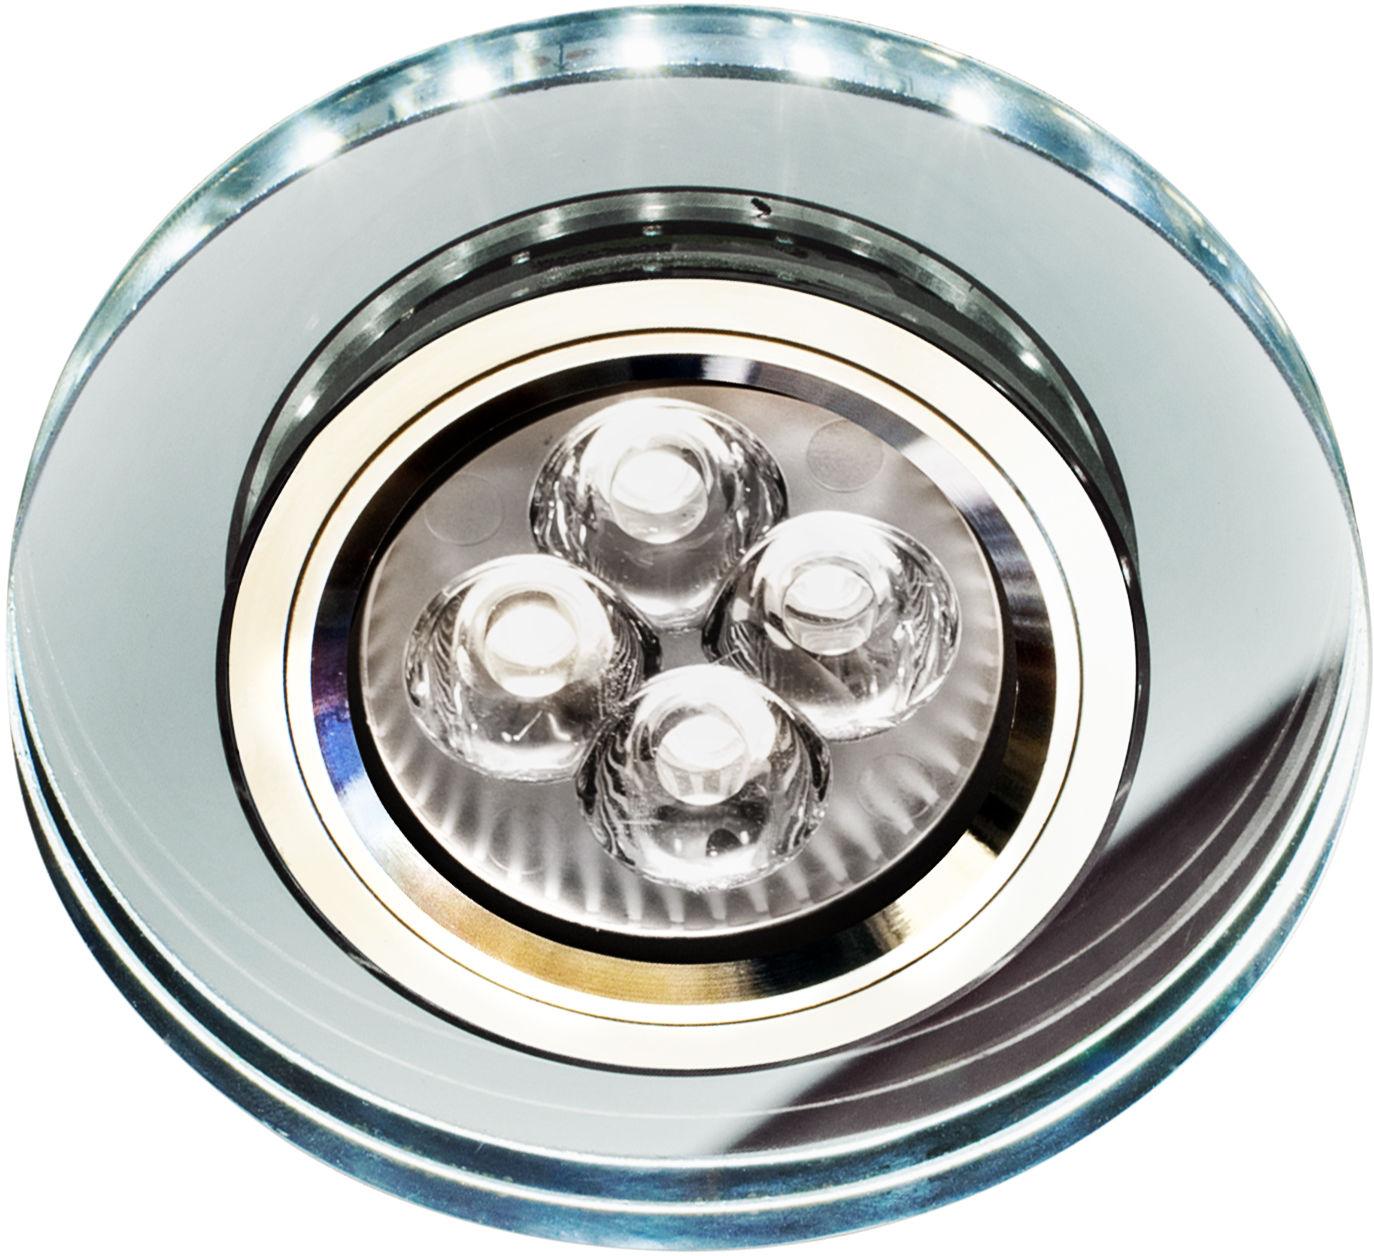 Candellux SS-23 CH/TR+WH 2226941 oprawa do wbudowania stropowa GU10 50W+LED SMD 230V biały 2 1W chrom oczko sufitowe szkło transparentne 9cm